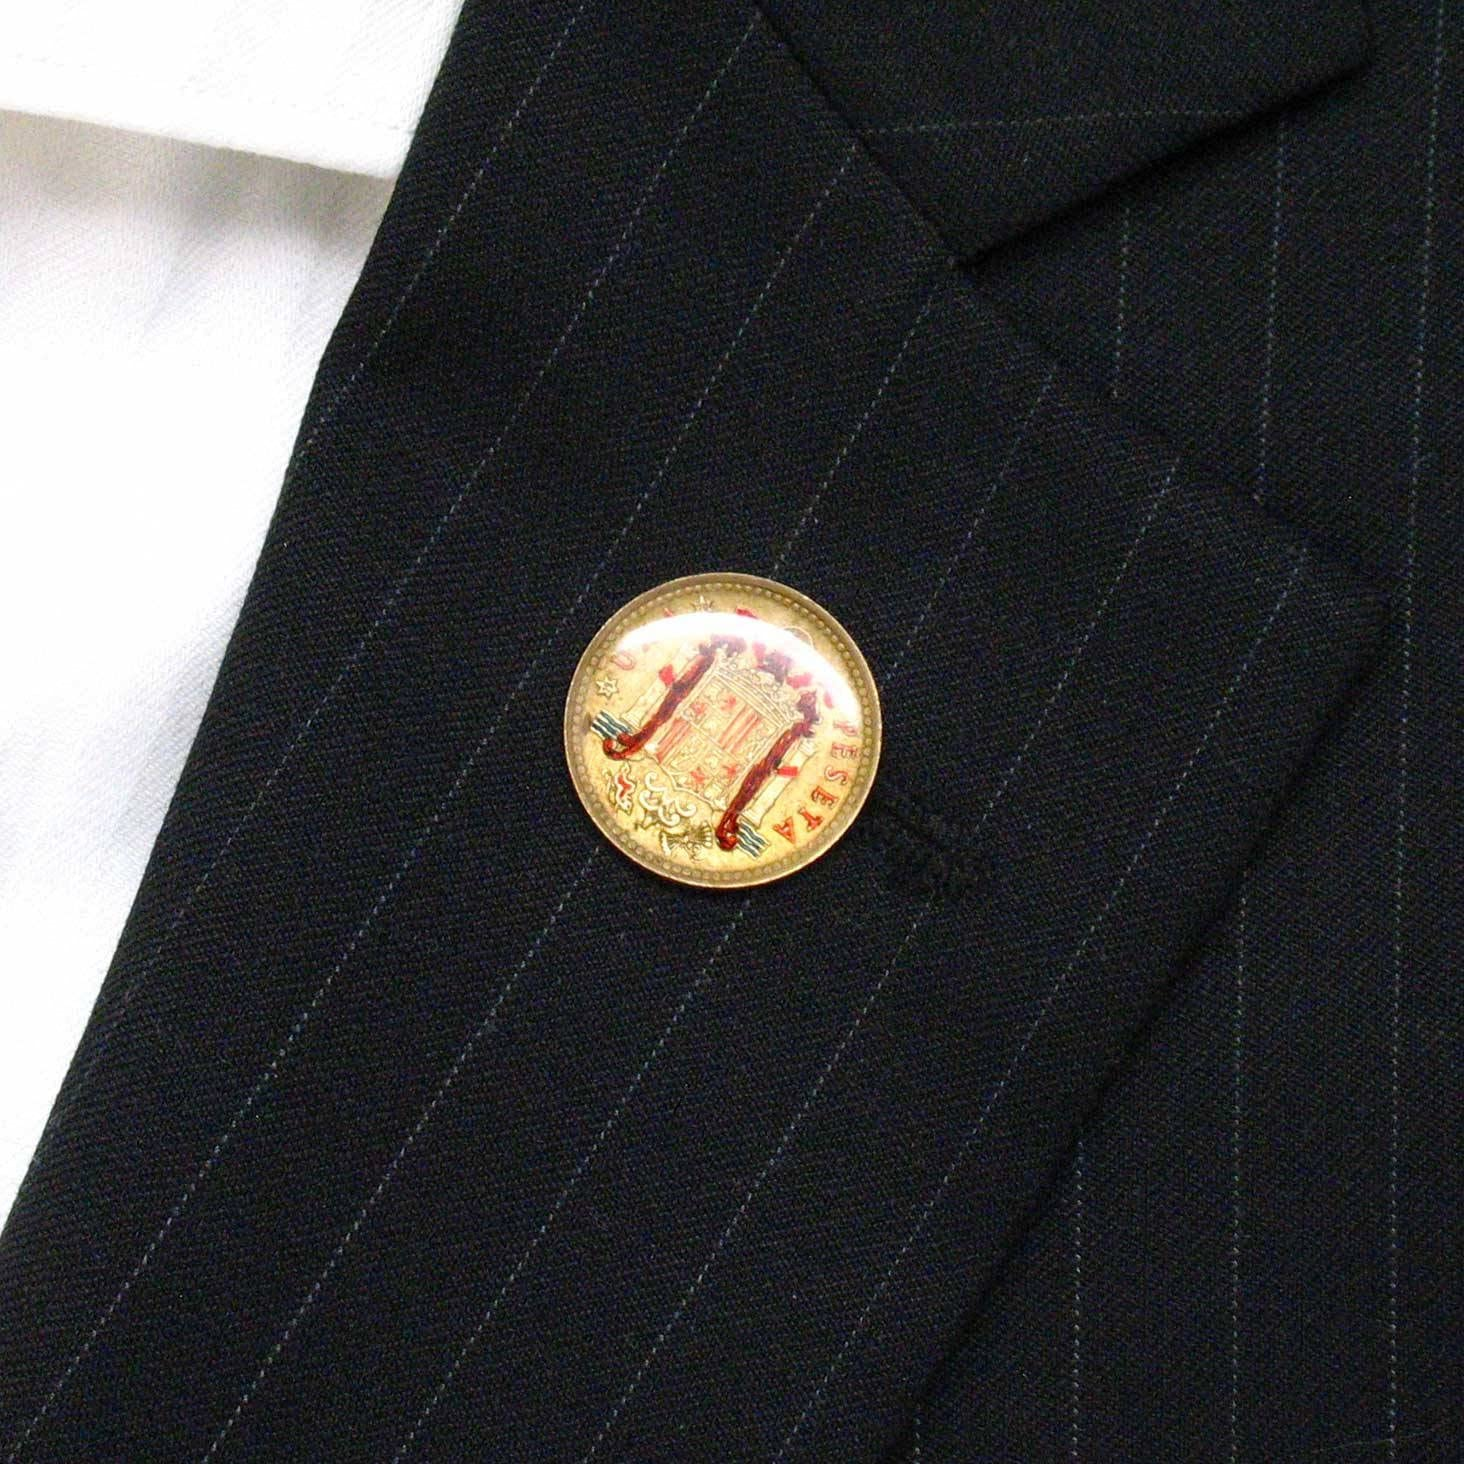 Pin con diseño de moneda de España para solapa de traje, de ...